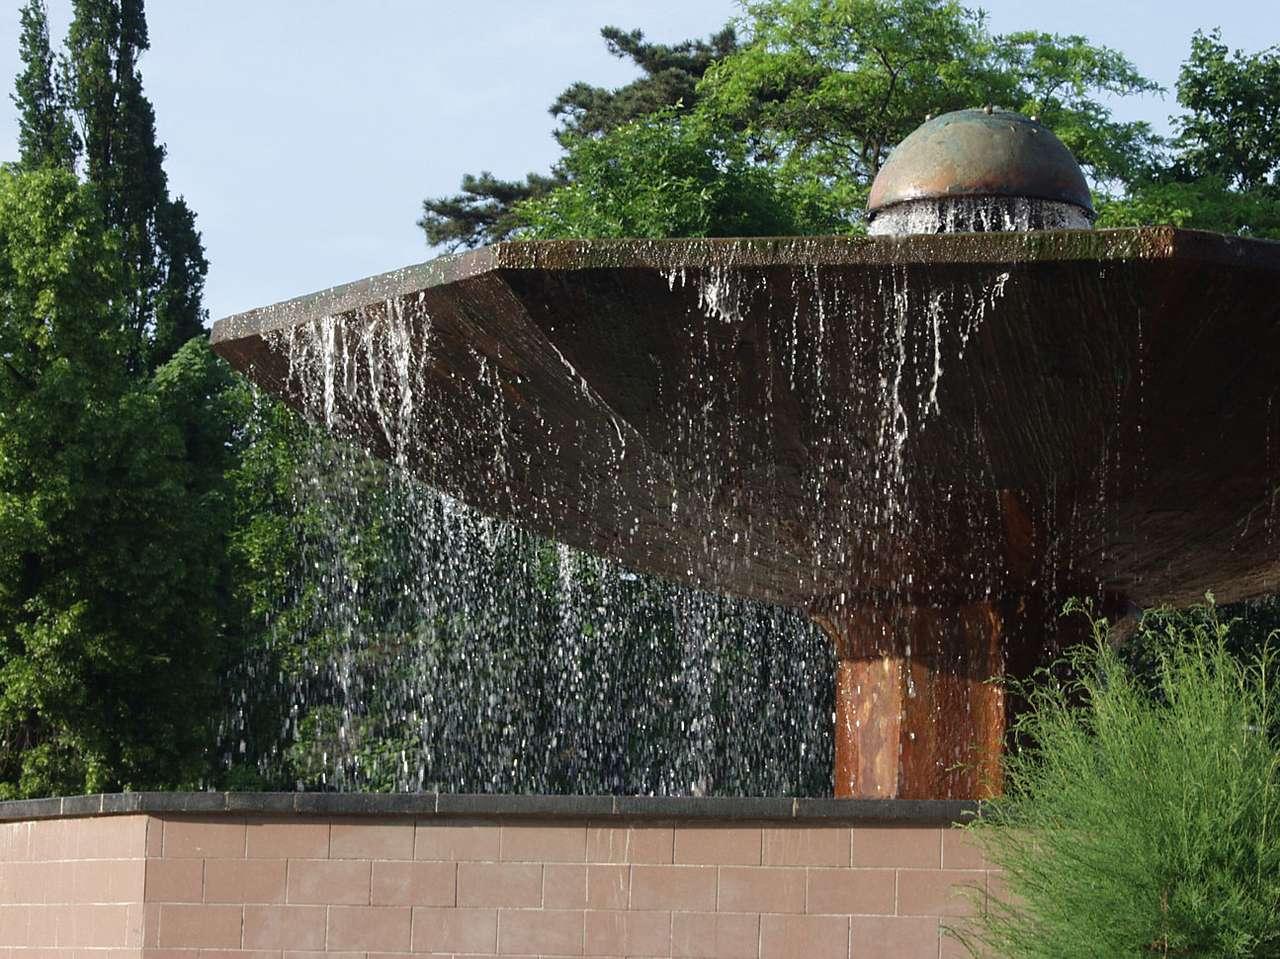 Fontanna Grzybek (Ciechocinek) - Położona w centrum uzdrowiska Ciechocinek fontanna Grzybek zasilana jest ze źródła solanki o głębokości ponad 400 metrów. Stąd solanka trafia do ciechocińskich tężni. Grzybek pełni też (7×5)